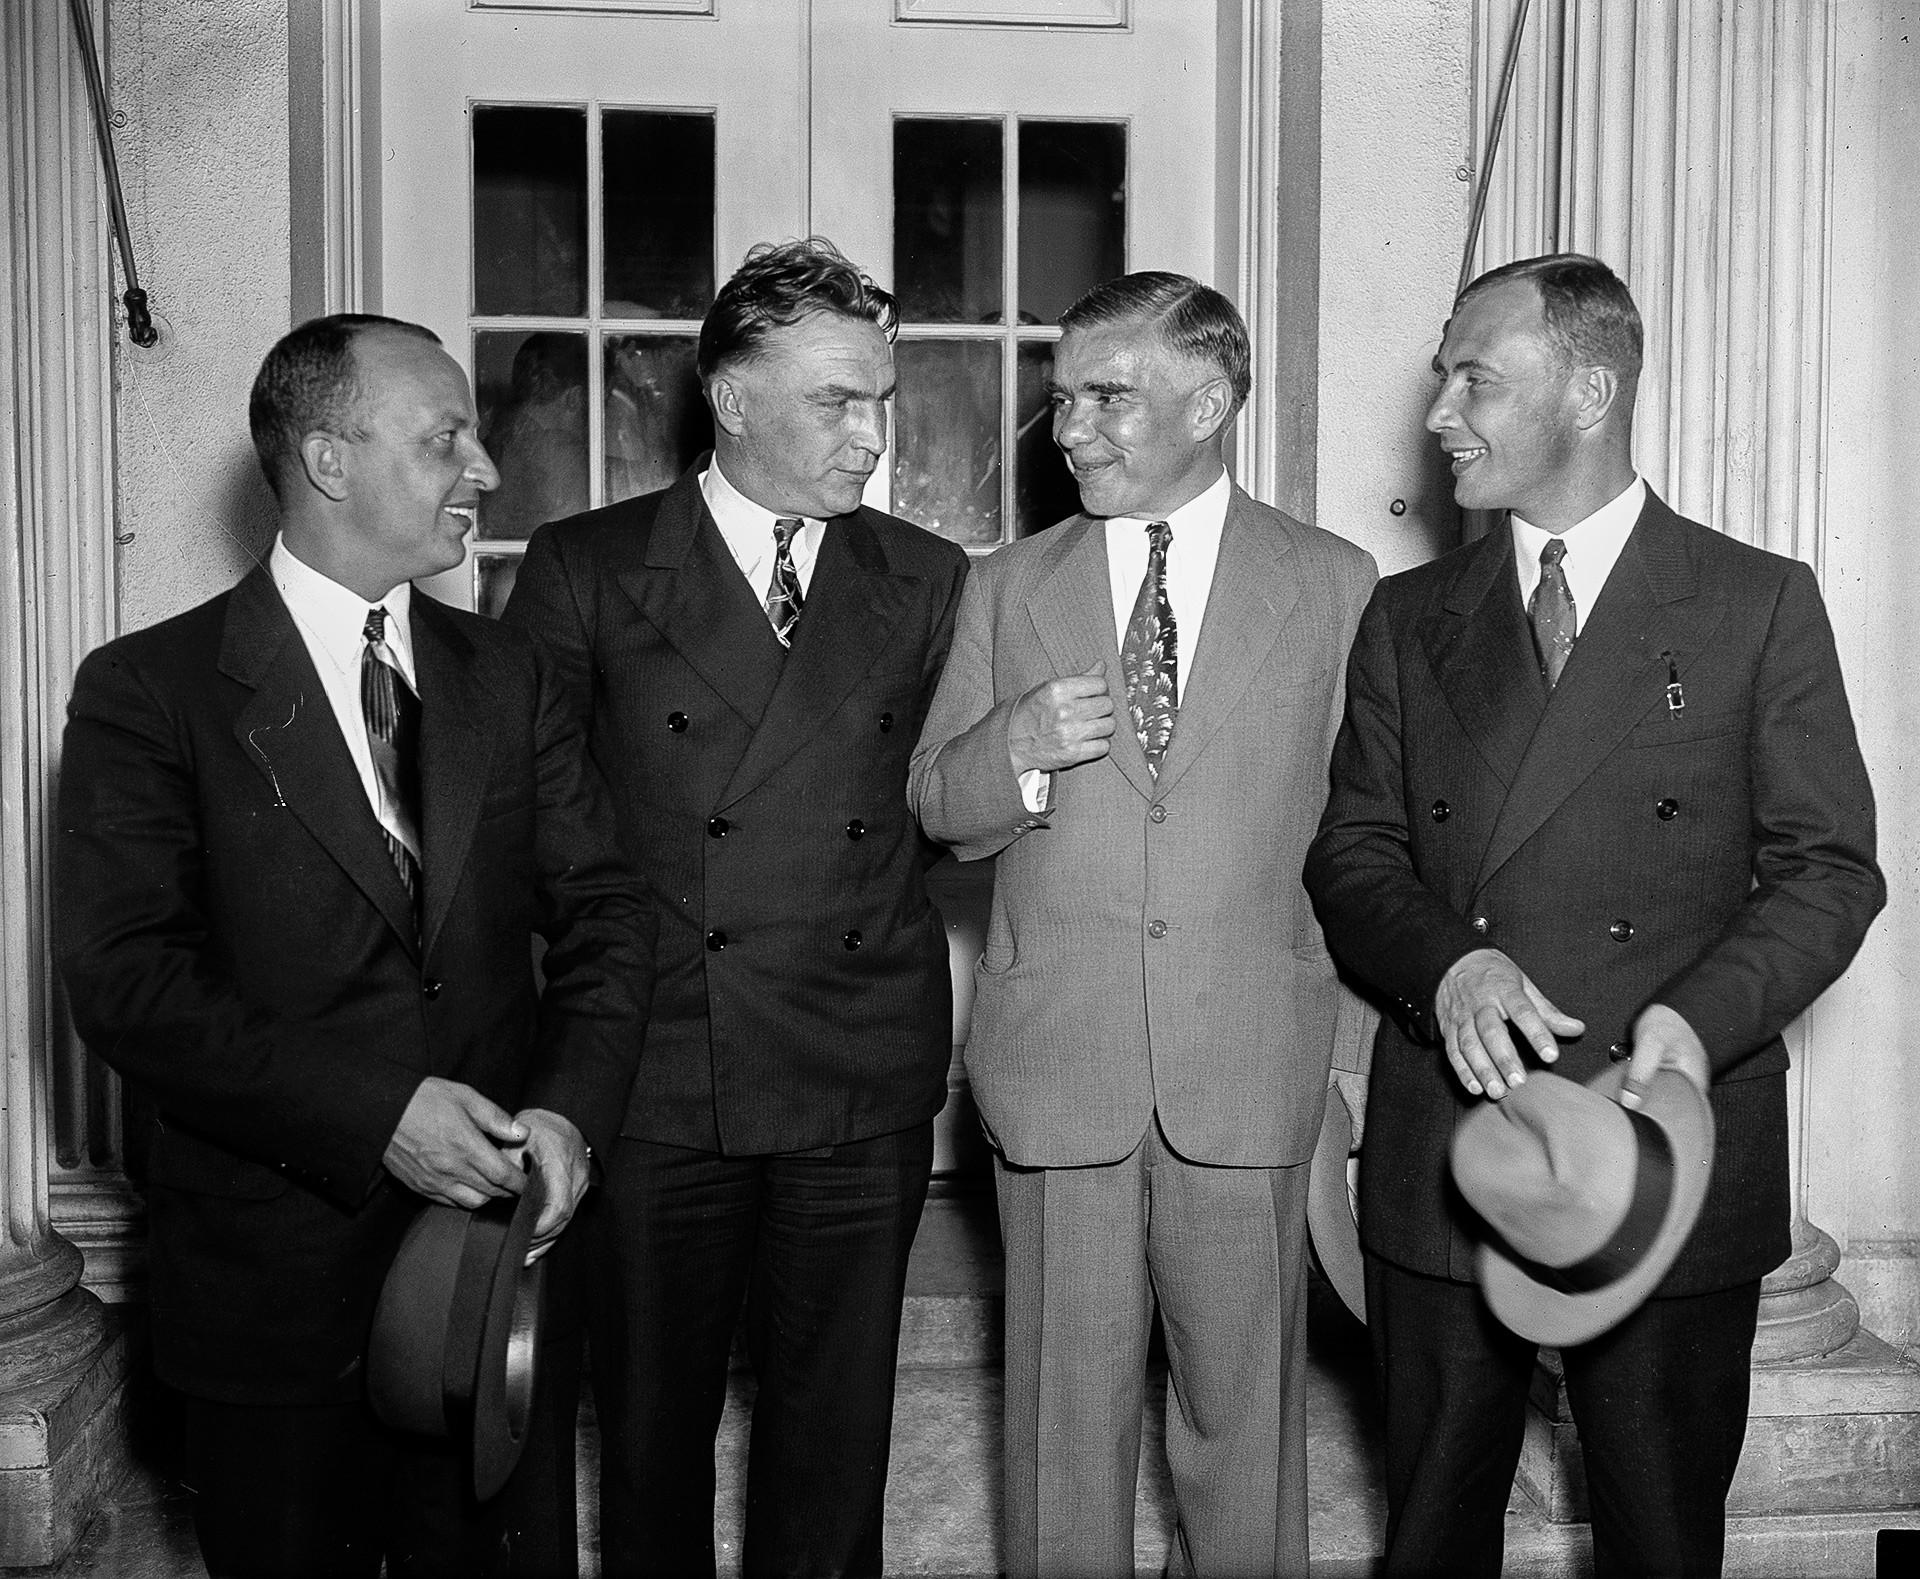 Die drei sowjetischen Piloten wurden im Weißen Haus von Präsident Roosevelt empfangen. Auf dem Foto von links nach rechts: Georgi Baidukow, Waleri Tschkalow, sowjetischer Botschafter in den USA und Alexander Beljakow.